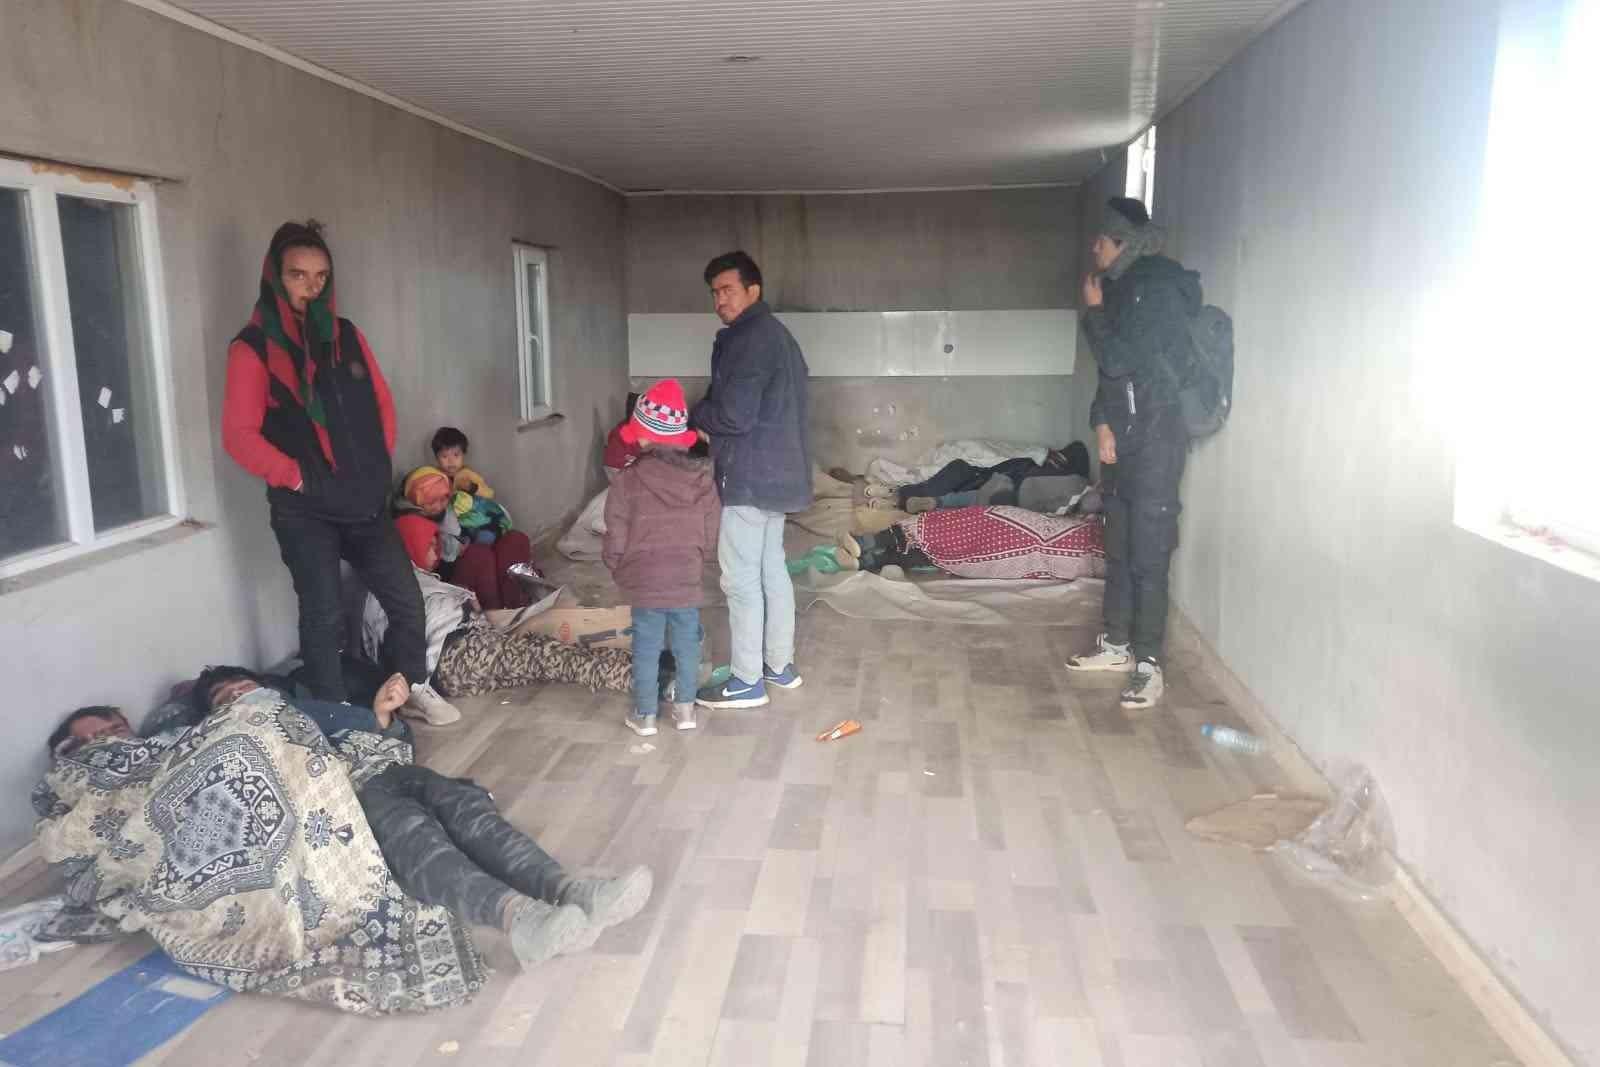 Bitlis'te göçmen kaçakçılığı yapan 6 kişi yakalandı